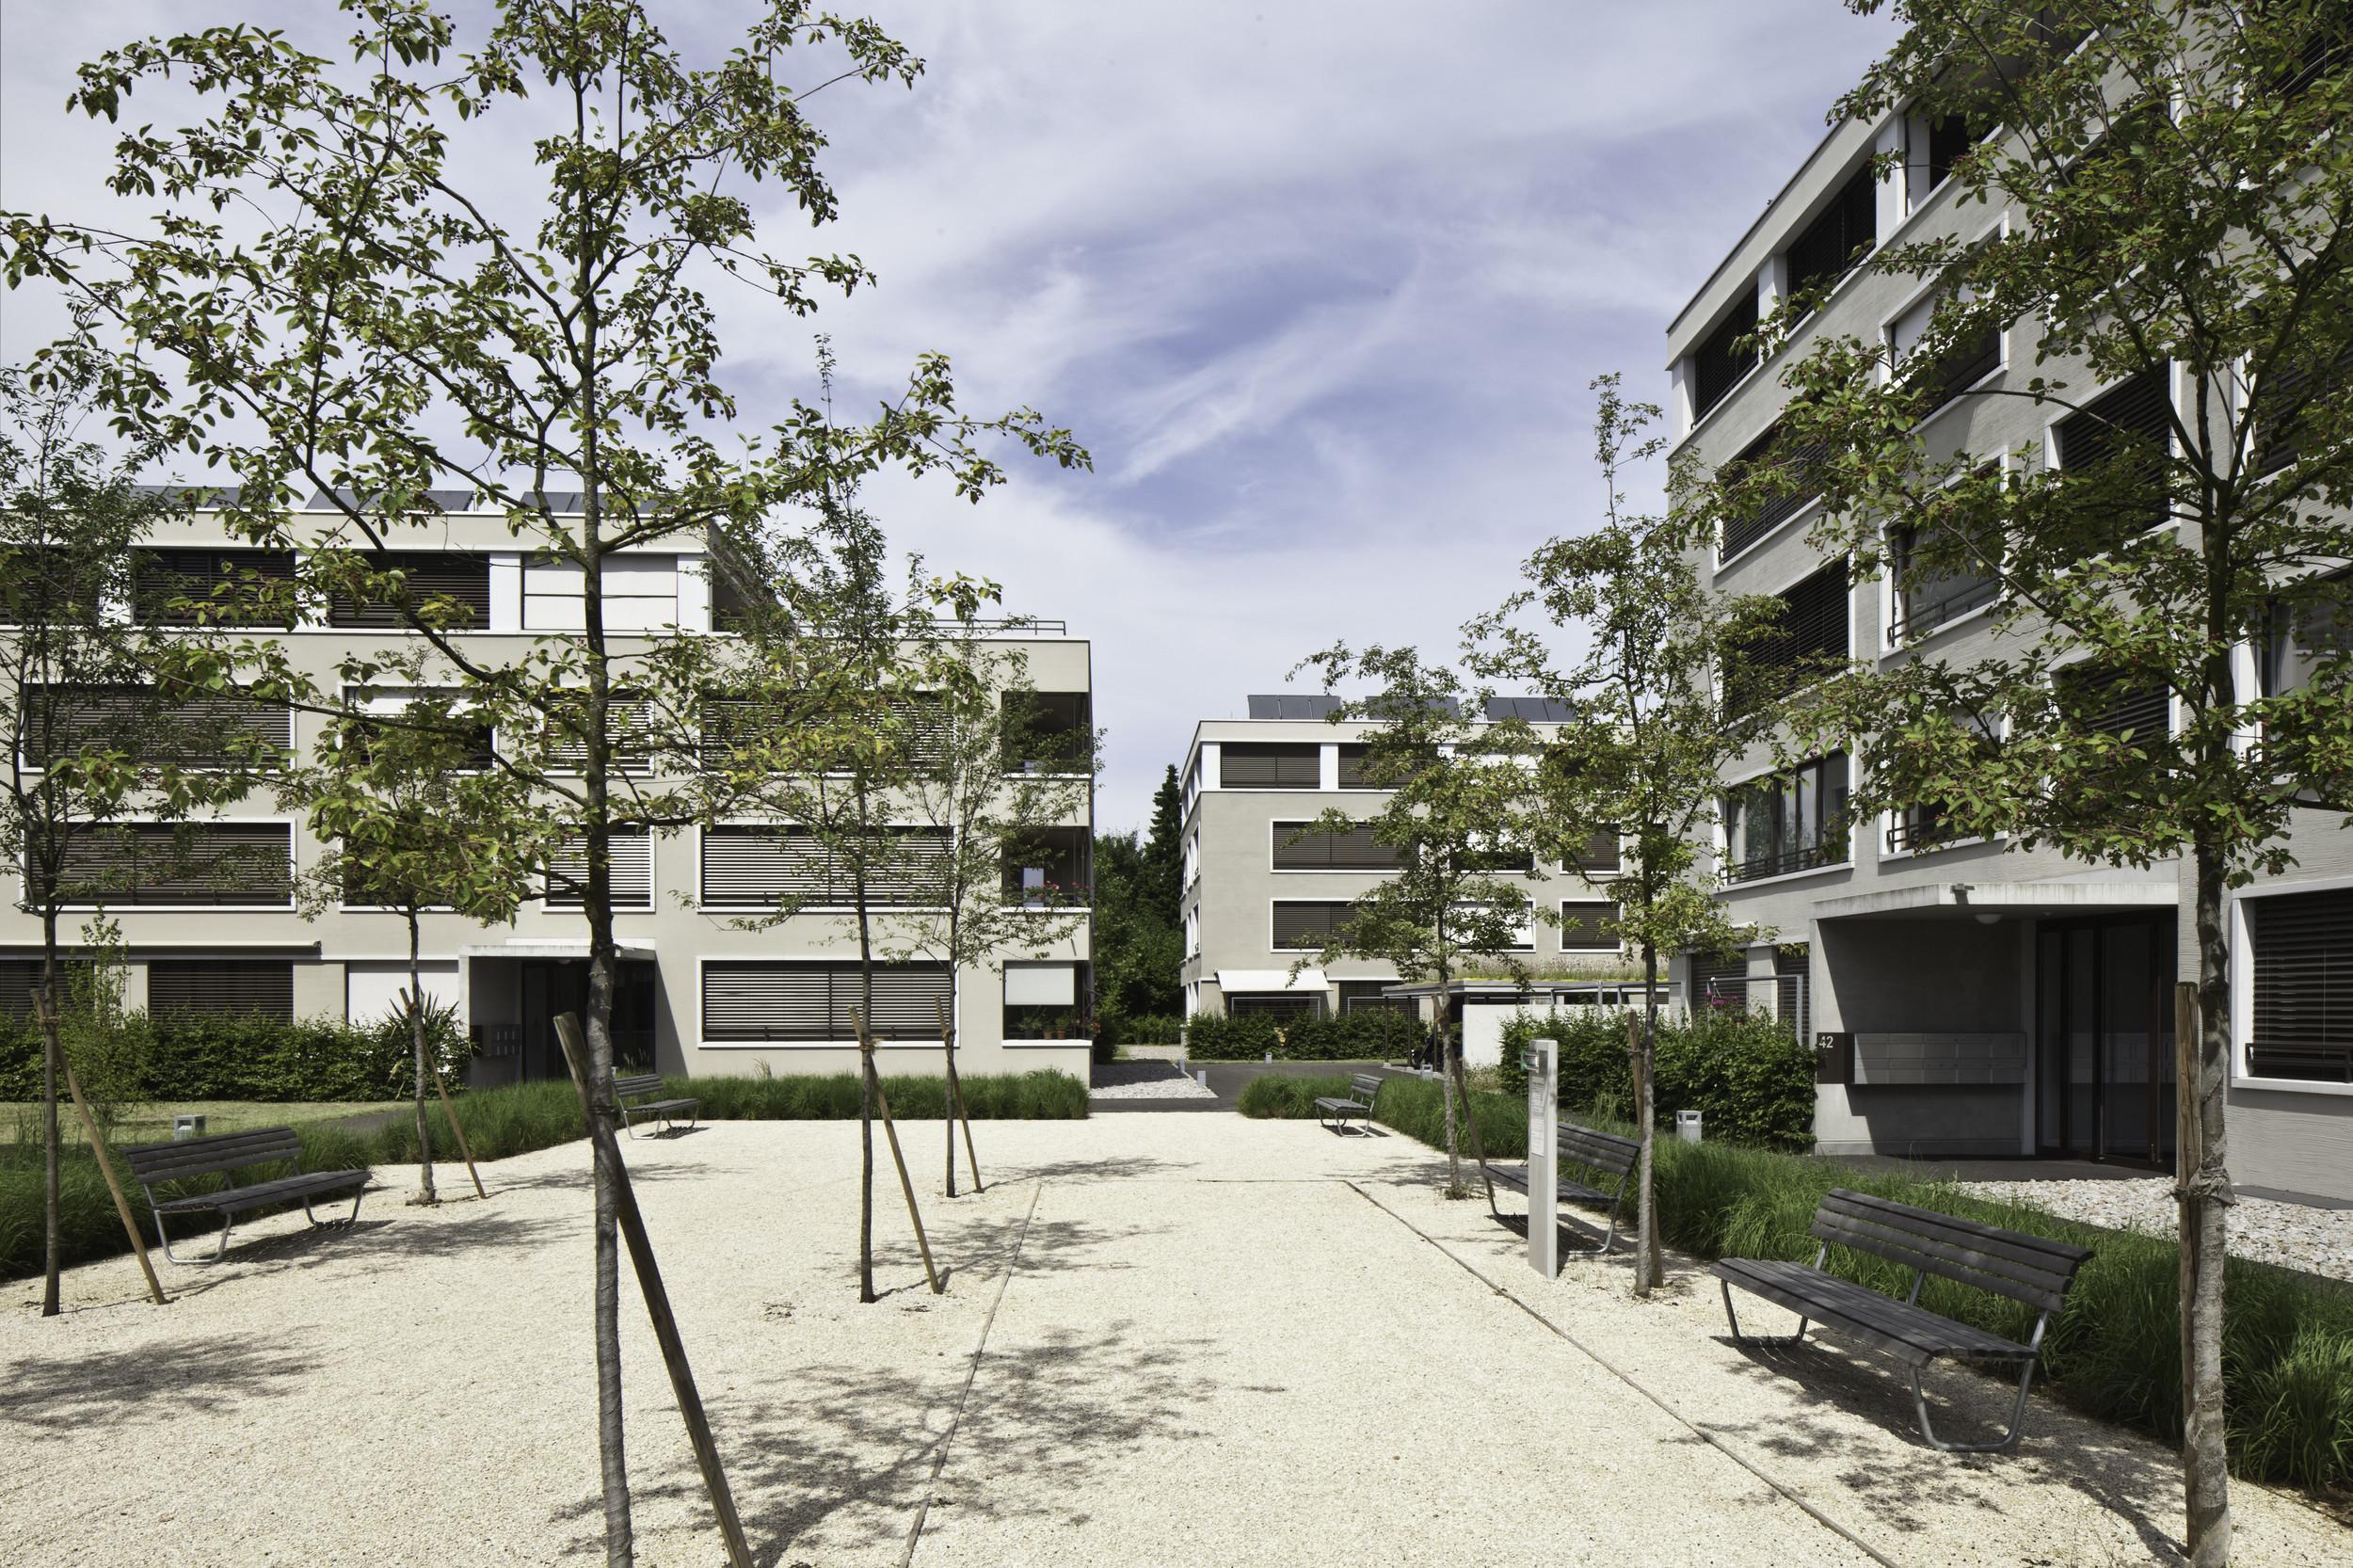 3 mehrgeschossige Gebäude gleicher Art mit gleichmässiger Anzahl Holz(-Metall)fenster